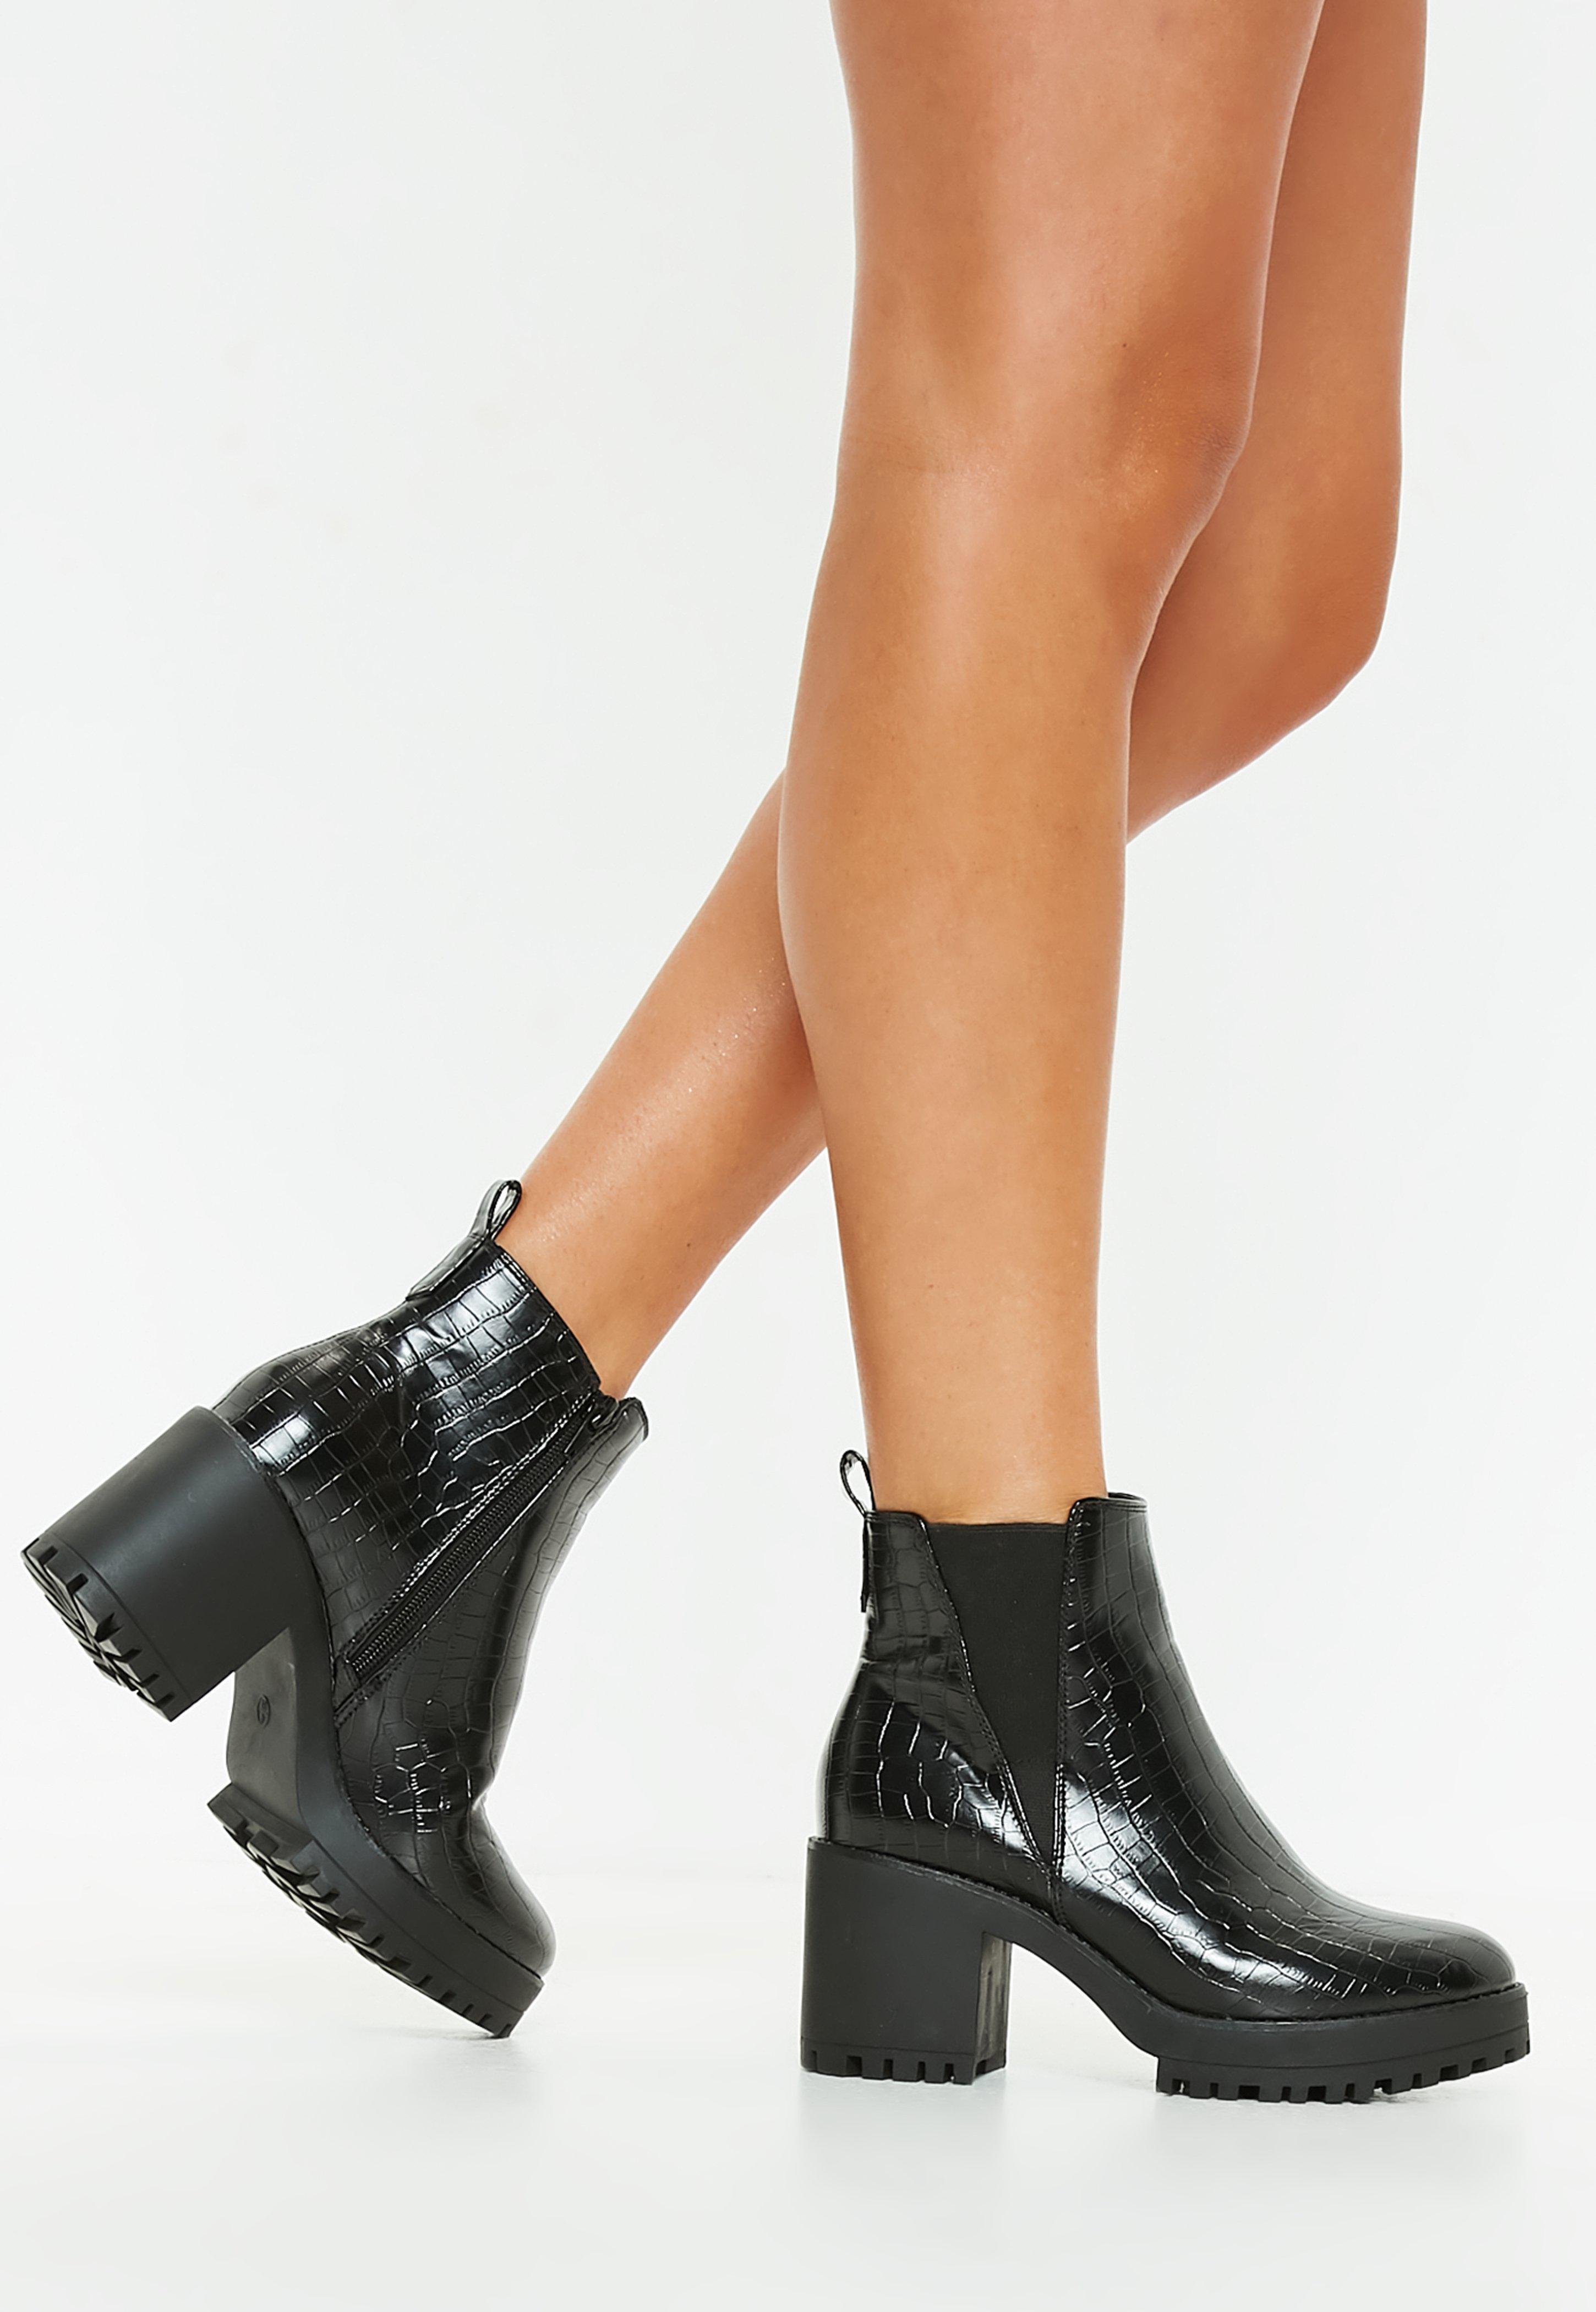 Femme En R8ffrna Chaussure Missguided Achat Ligne Chaussures qAxFFft7